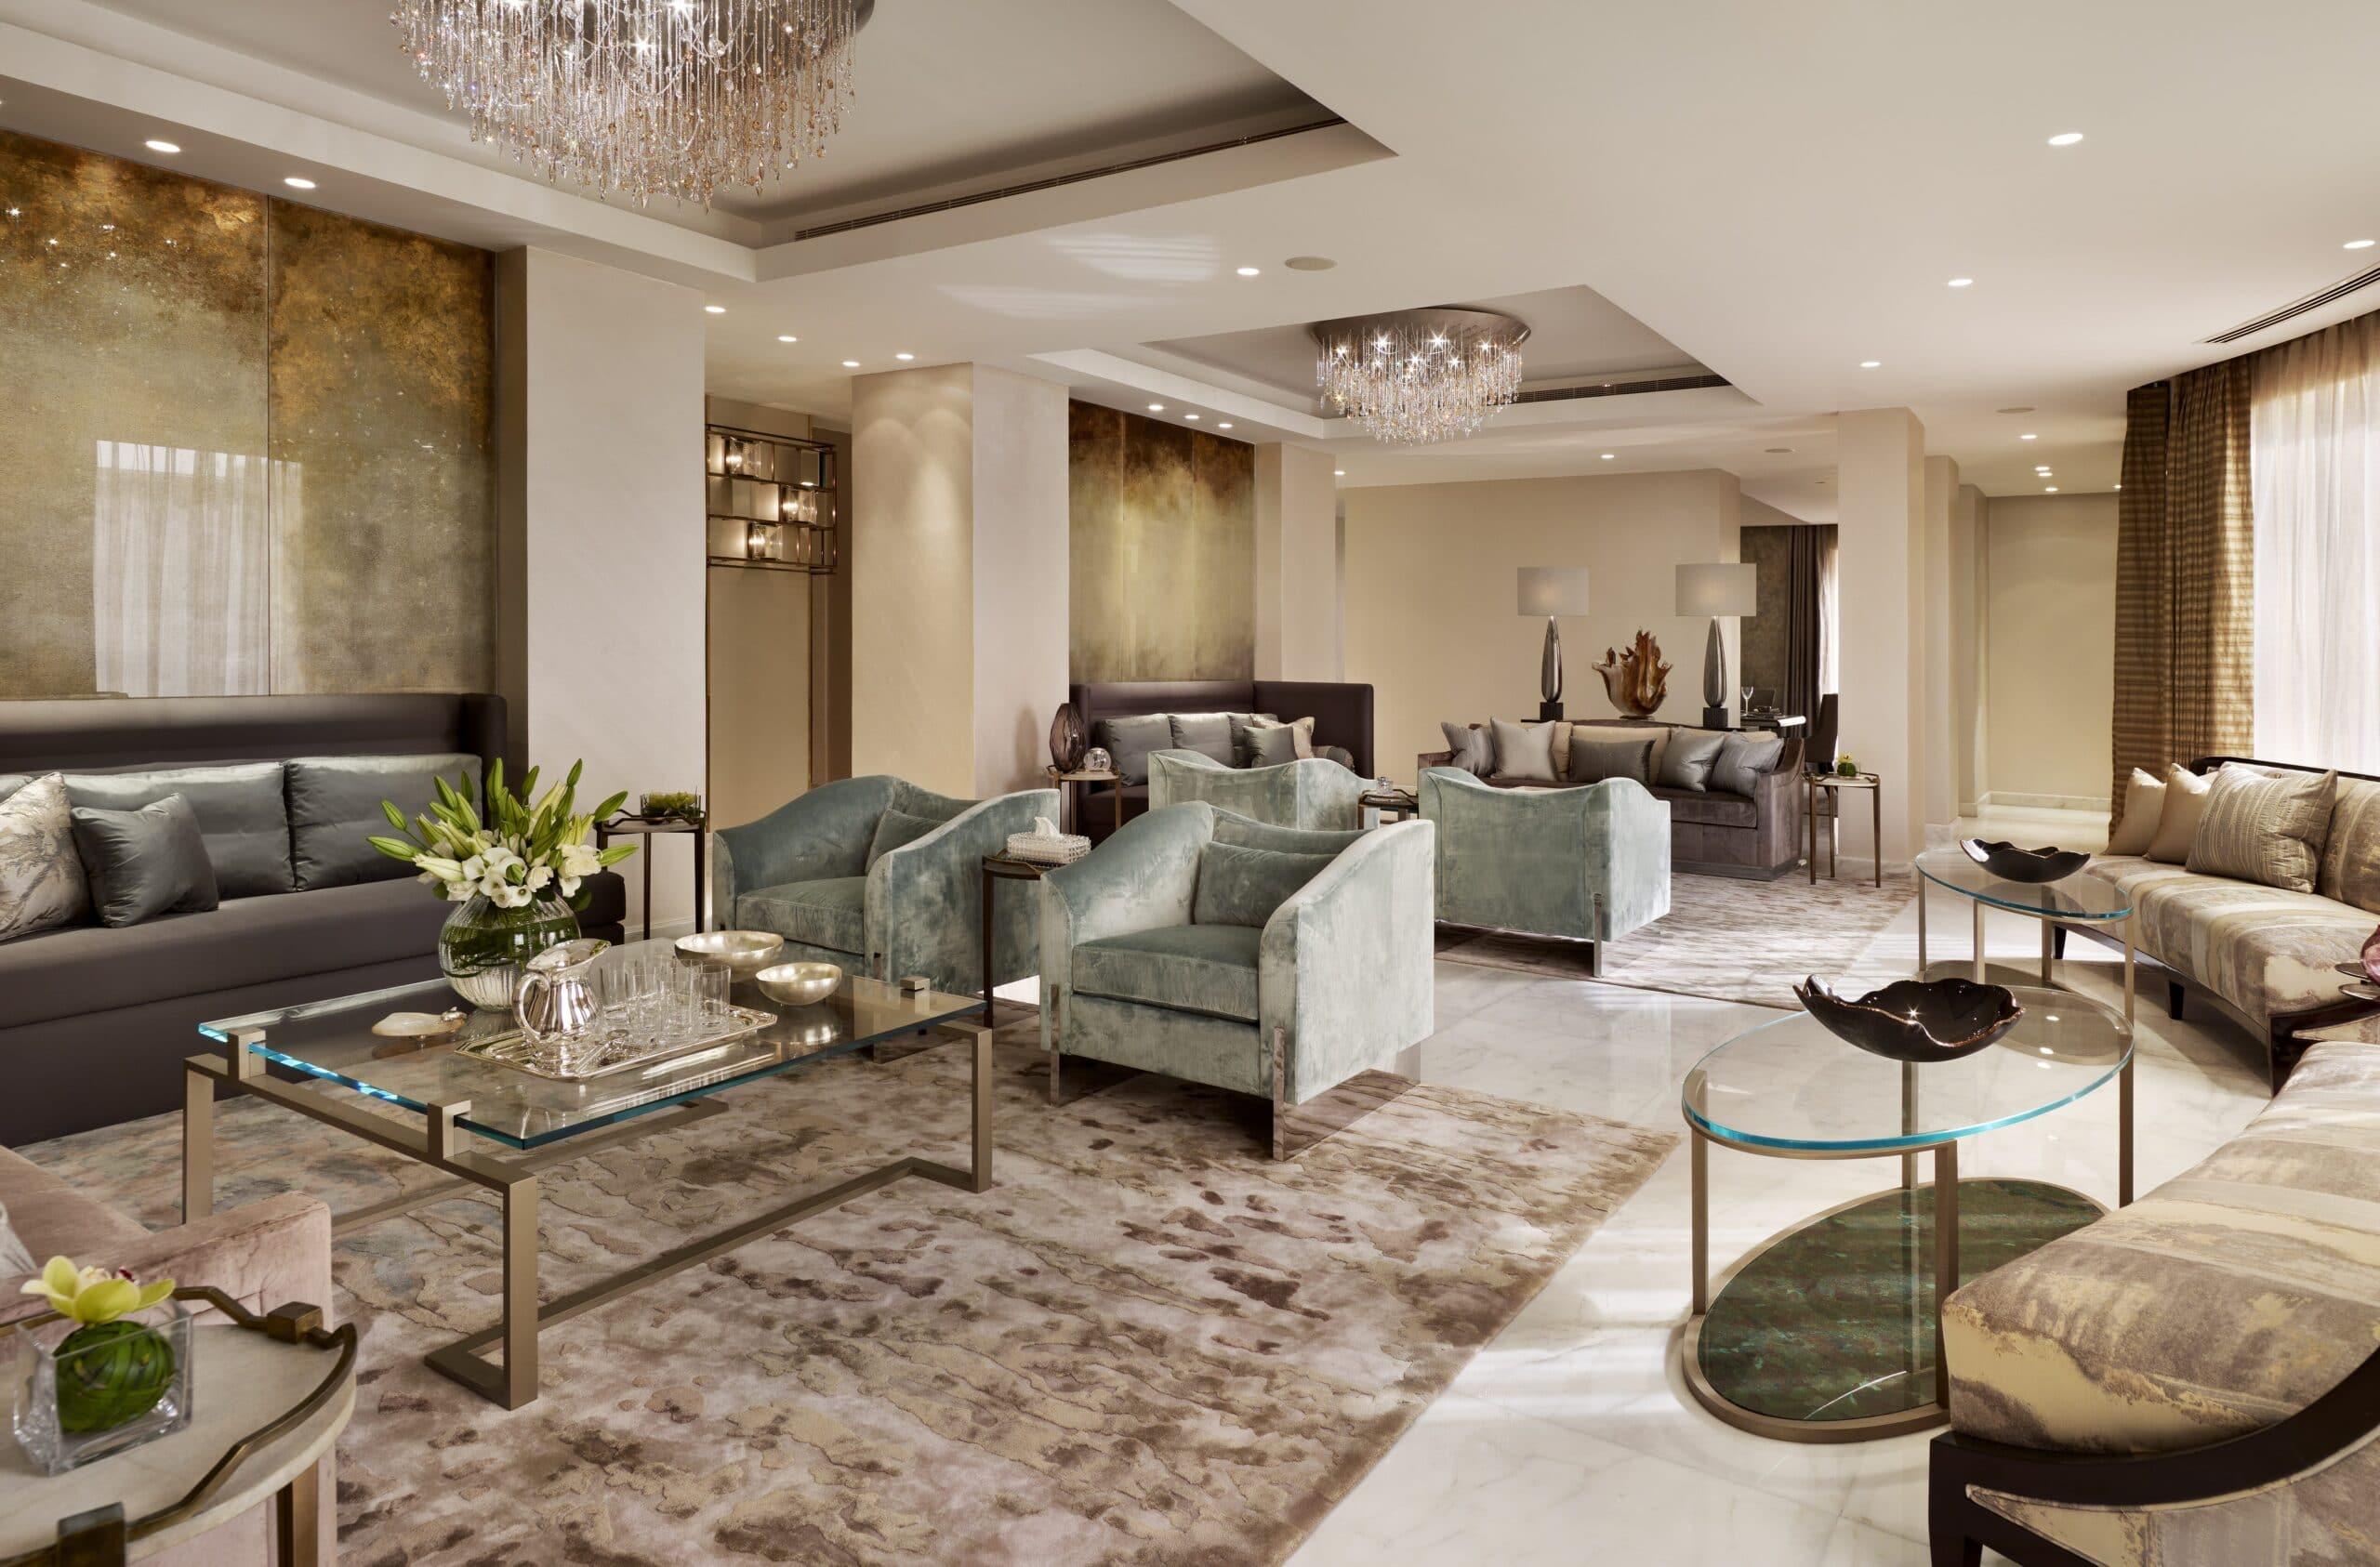 beautiful interior shot of luxury Qatar home